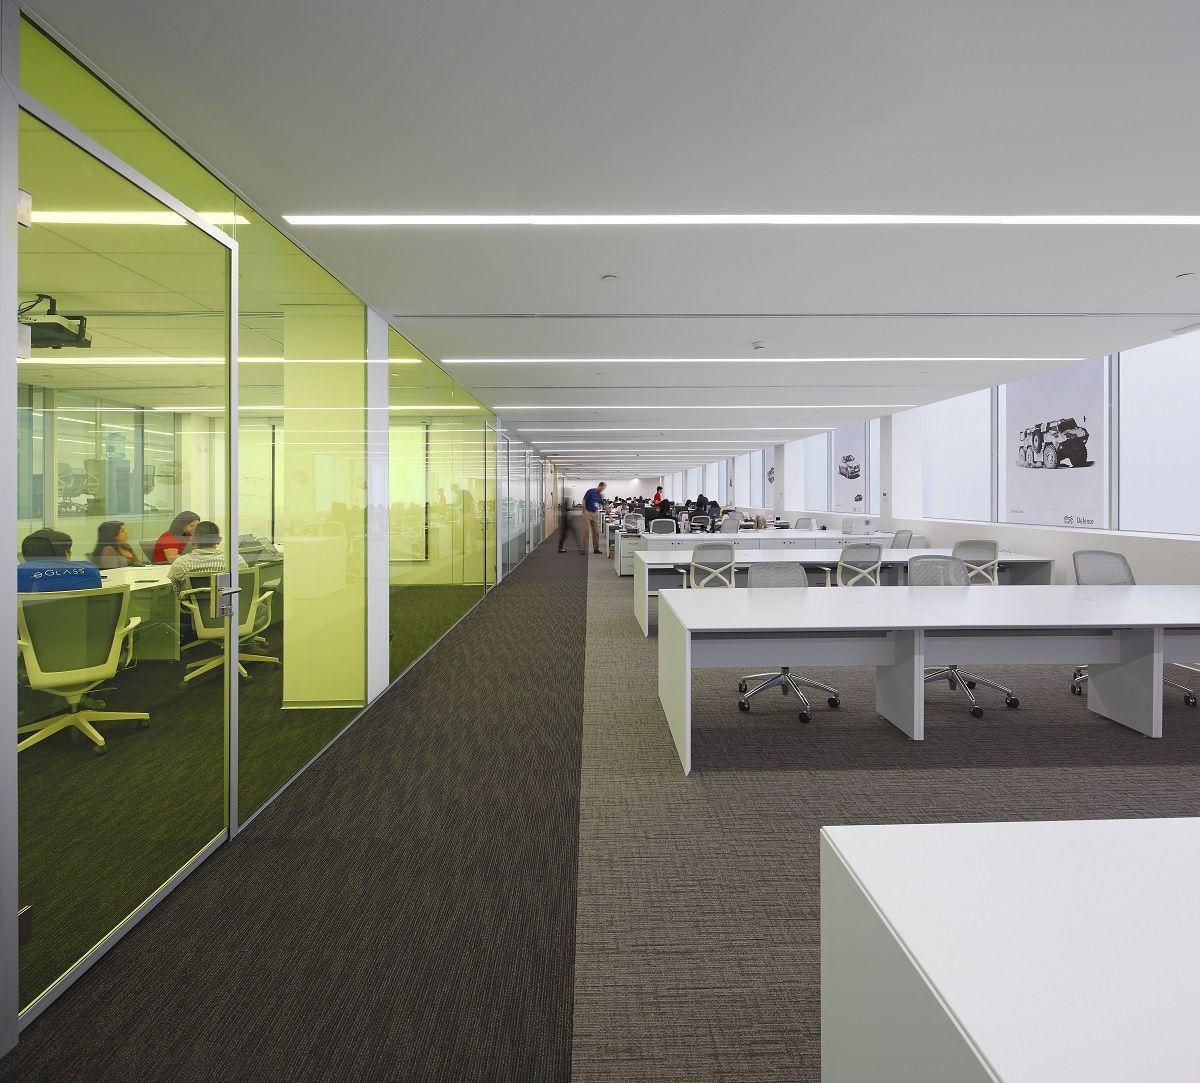 Nave industrial y oficinas agp eglass en lima for Diseno de interiores lima